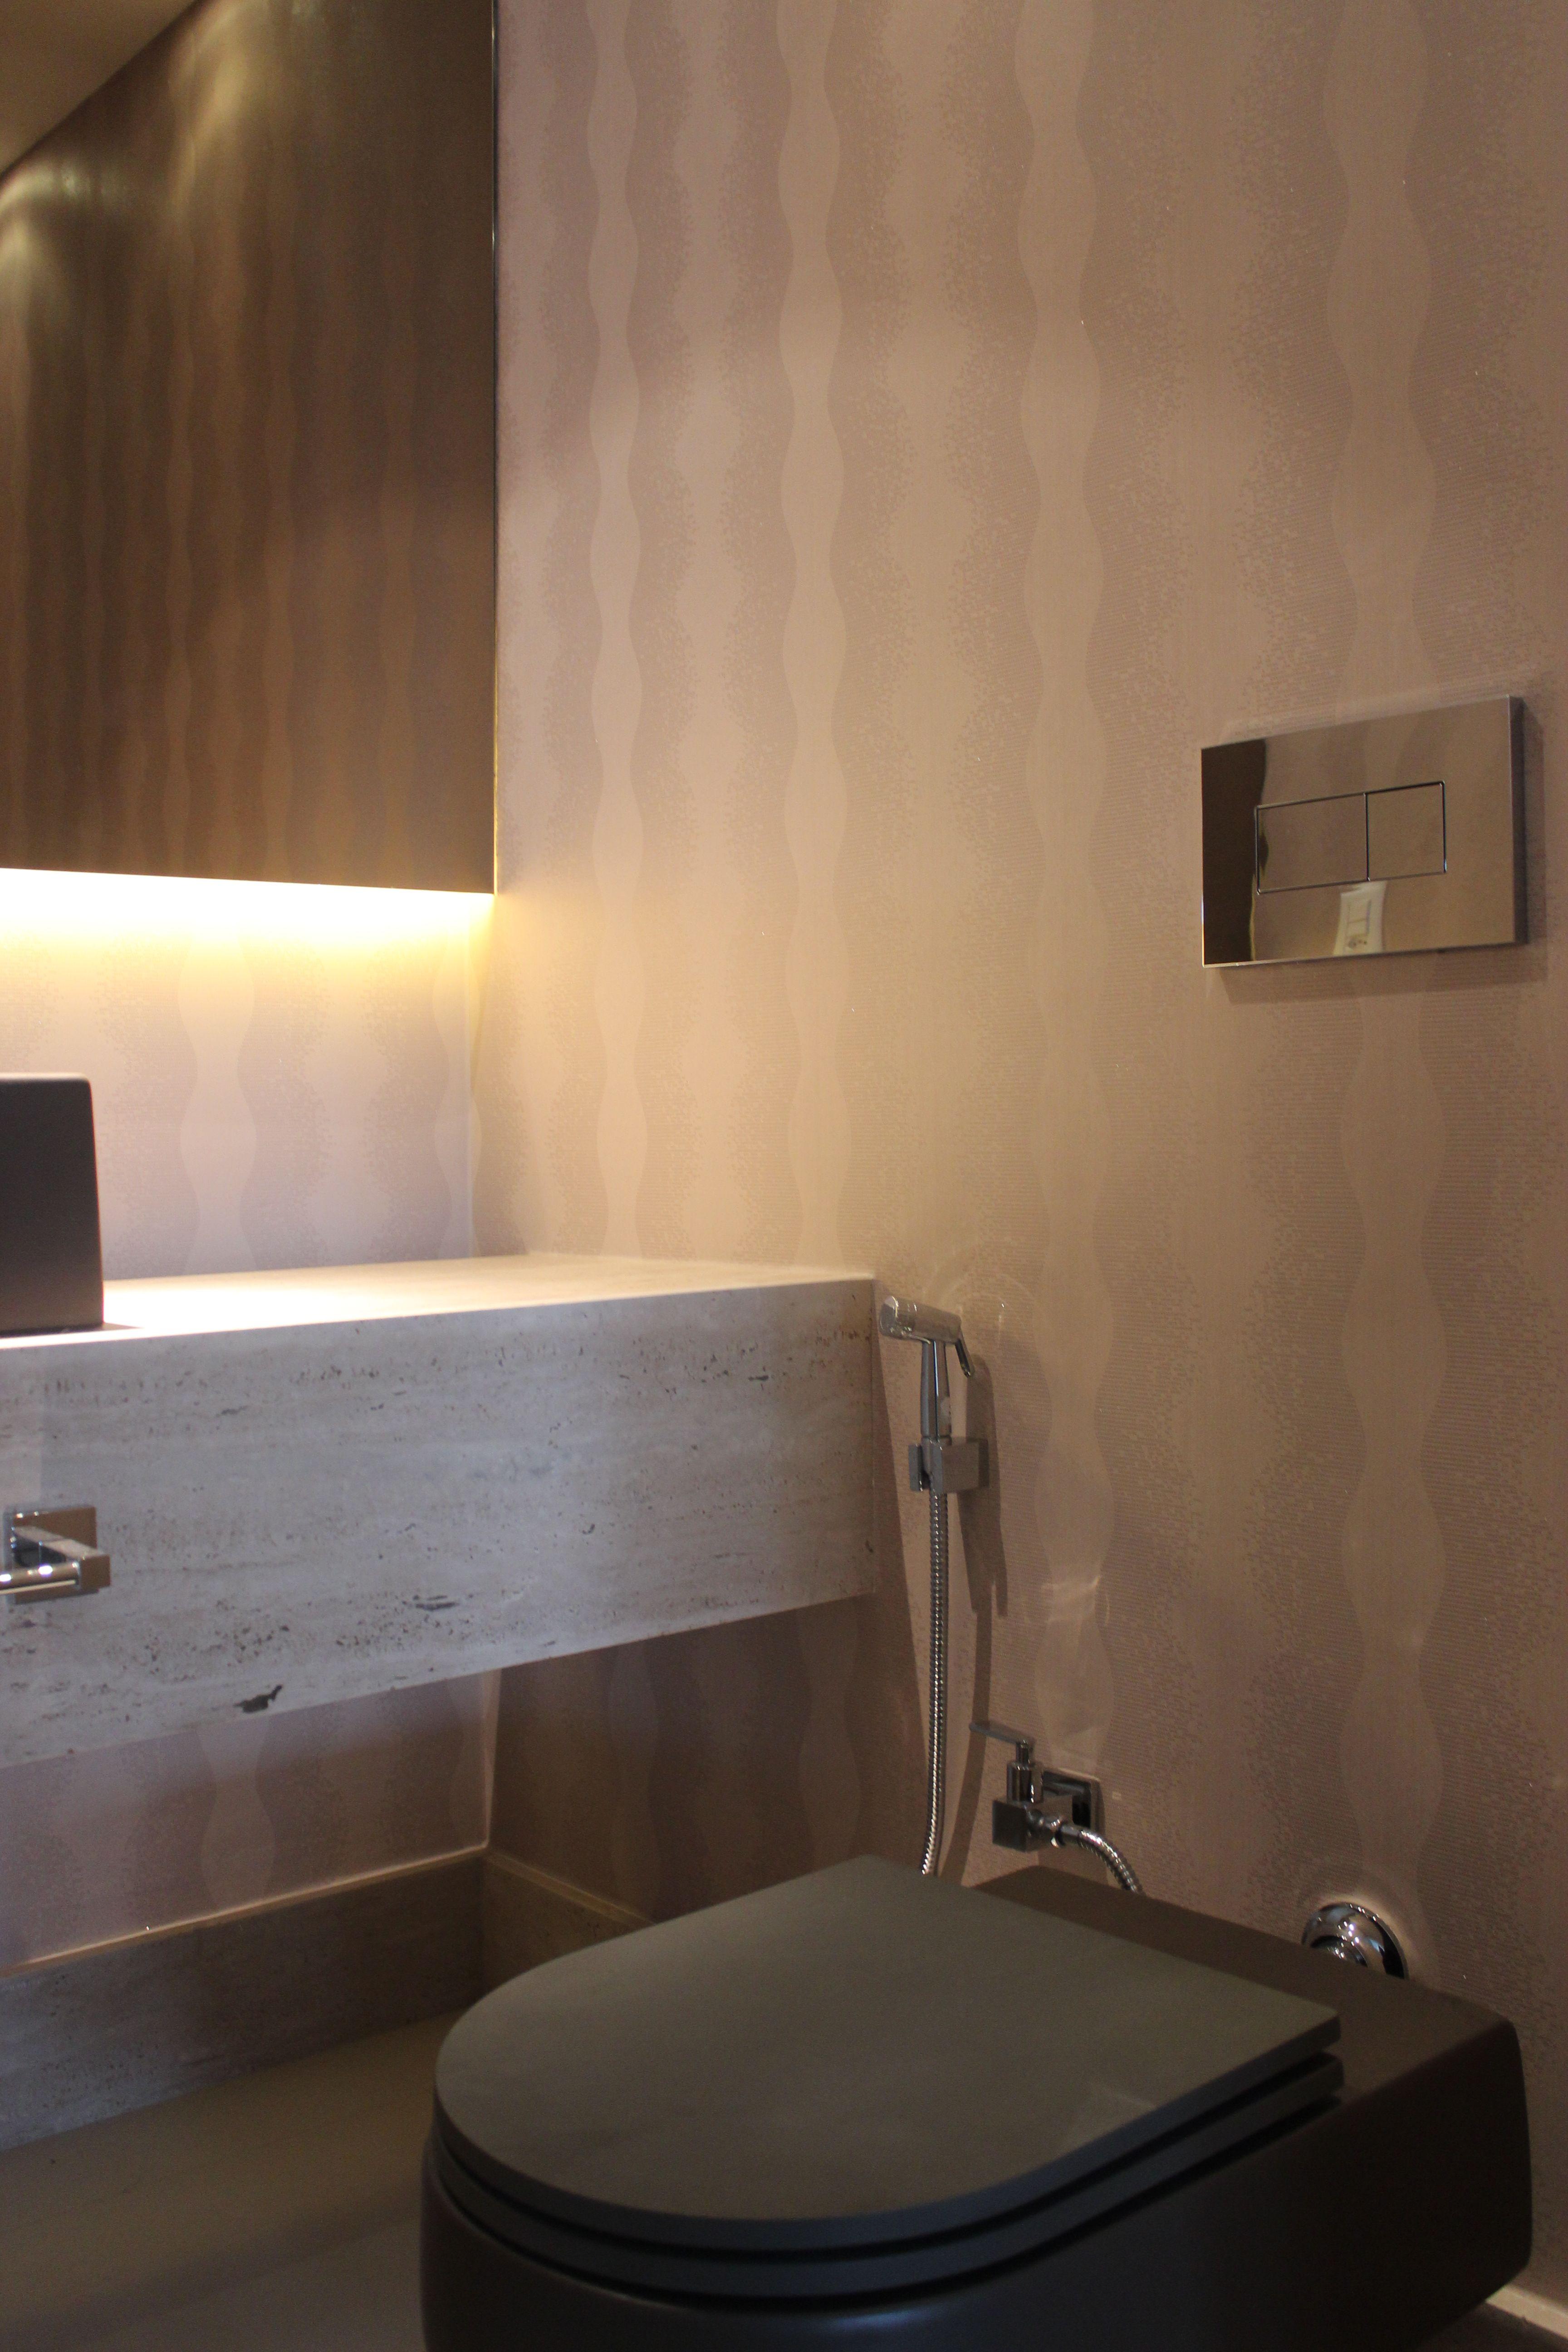 Lavabo com bancada em Travertino Bruto e espelho bronze iluminado.